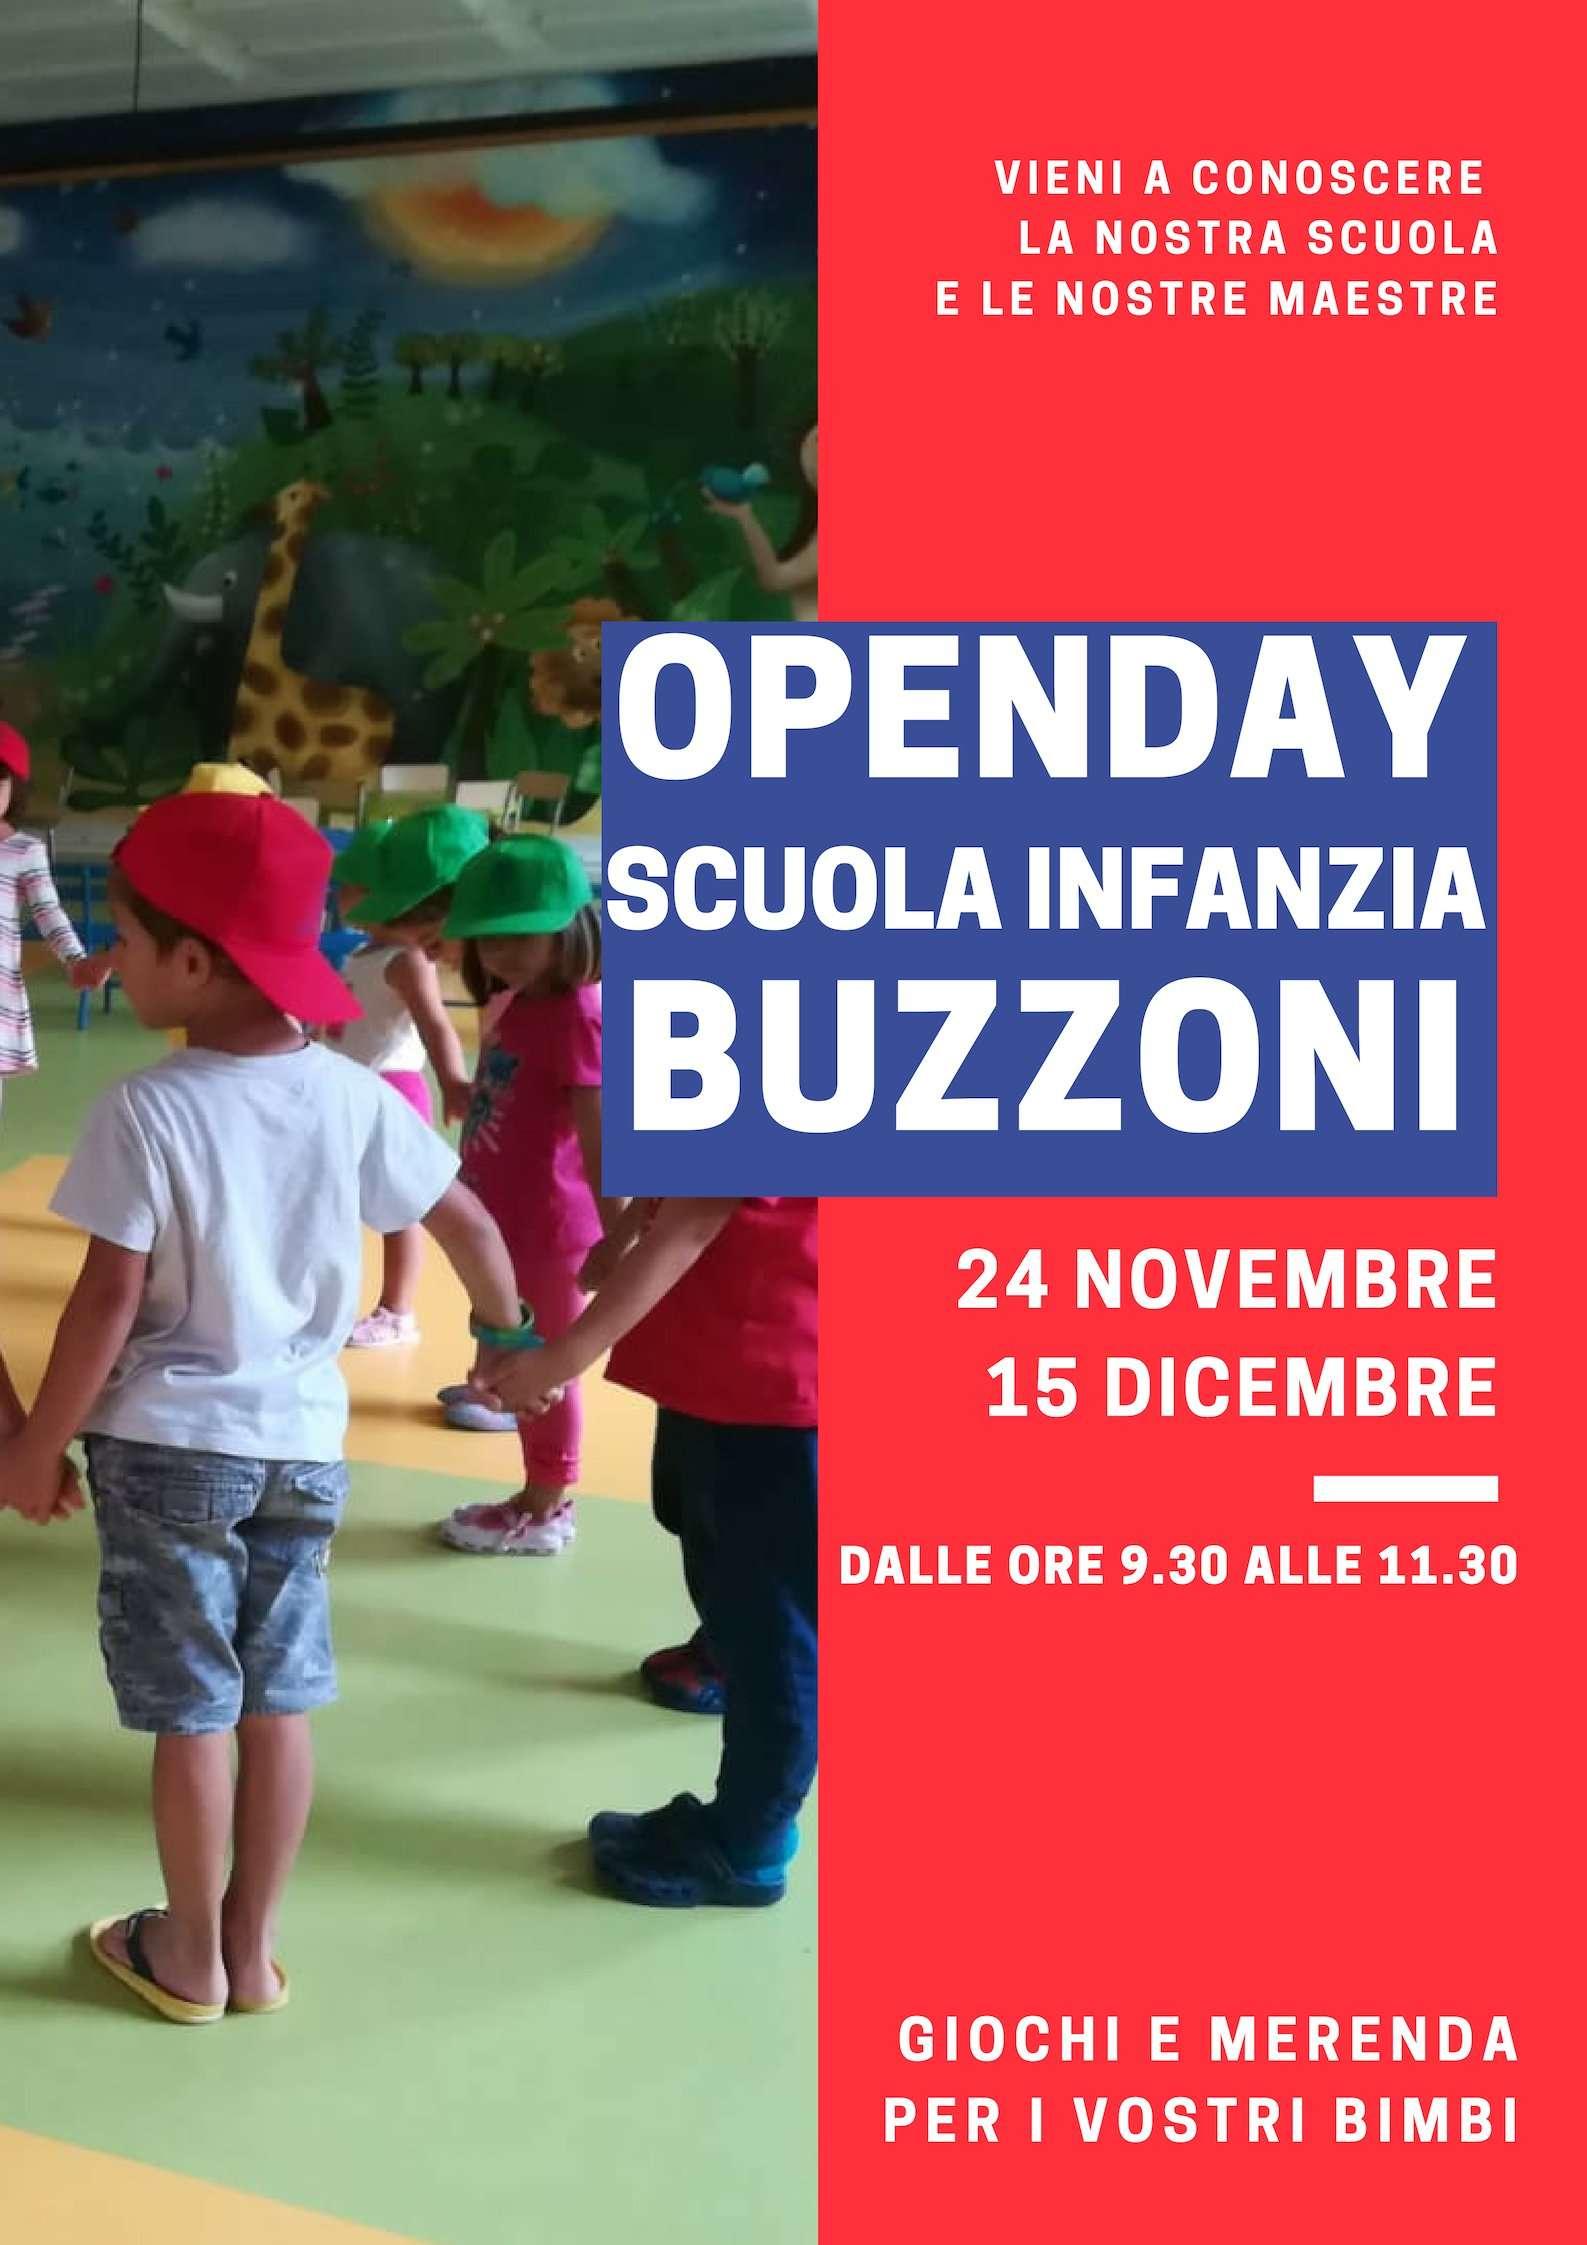 Open Day Scuola Infanzia Buzzoni 2018 - 2019 - Scuola Materna Peschiera Borromeo